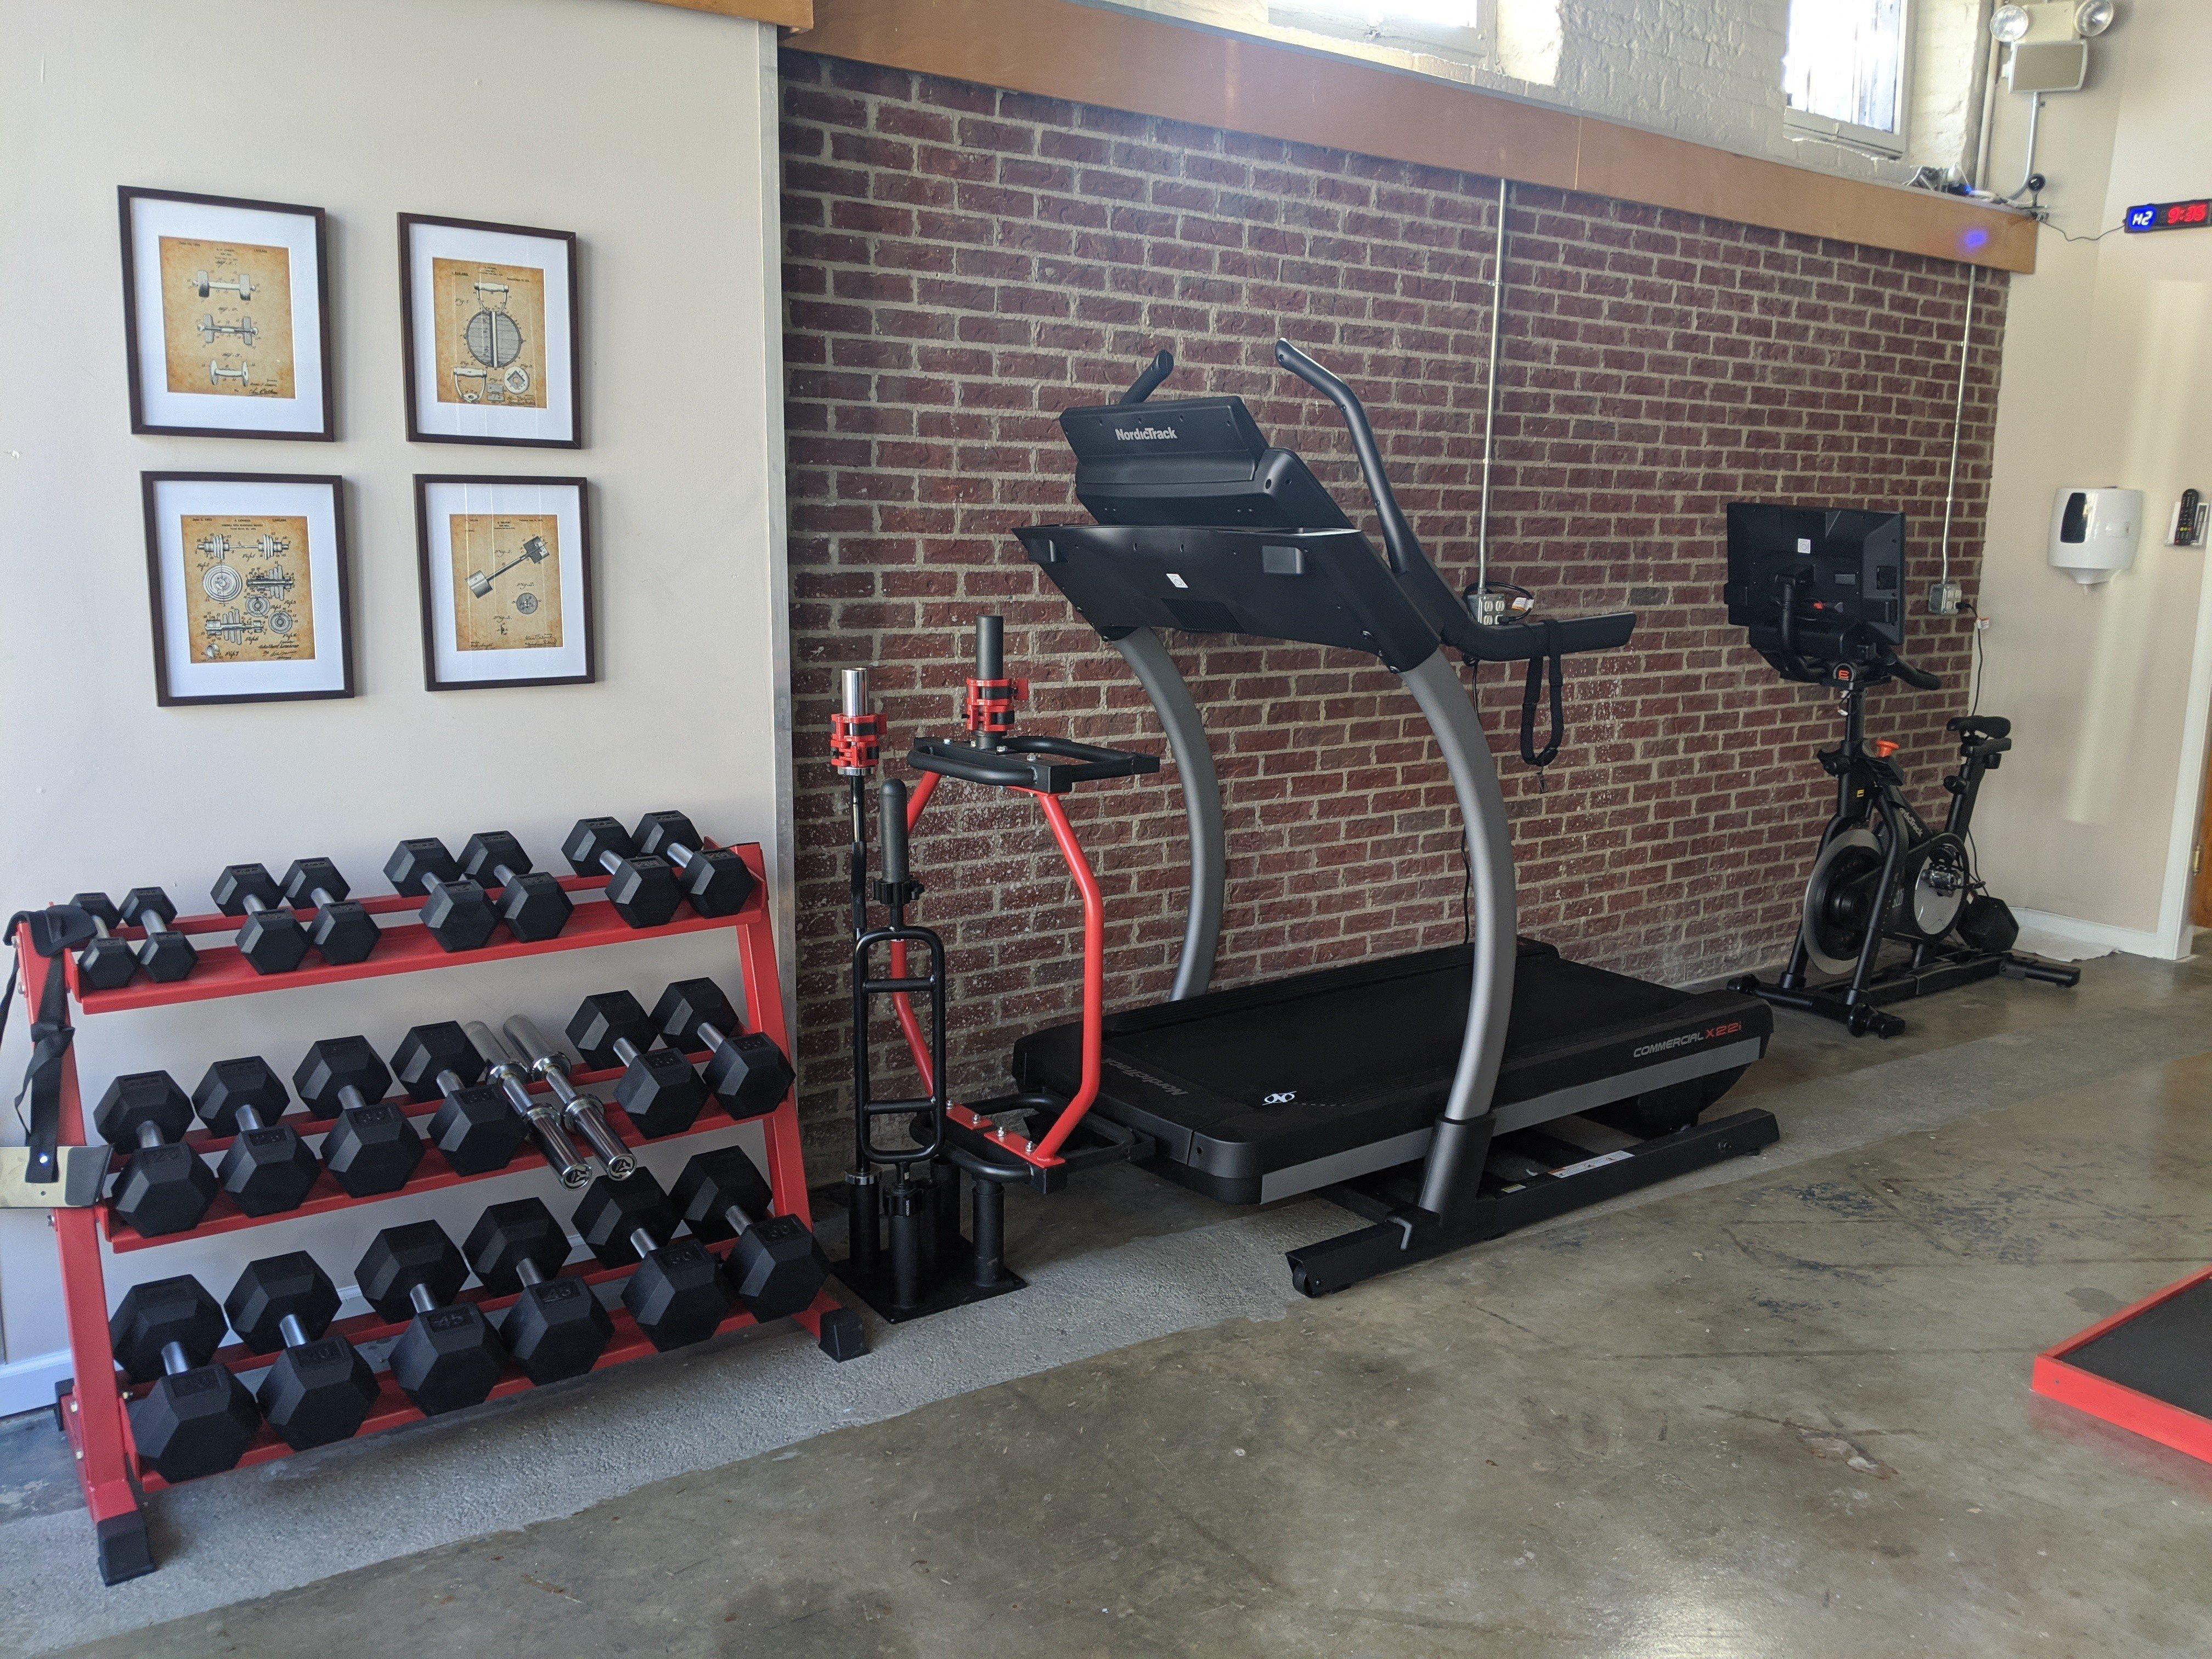 Dumbells and cardio equipment